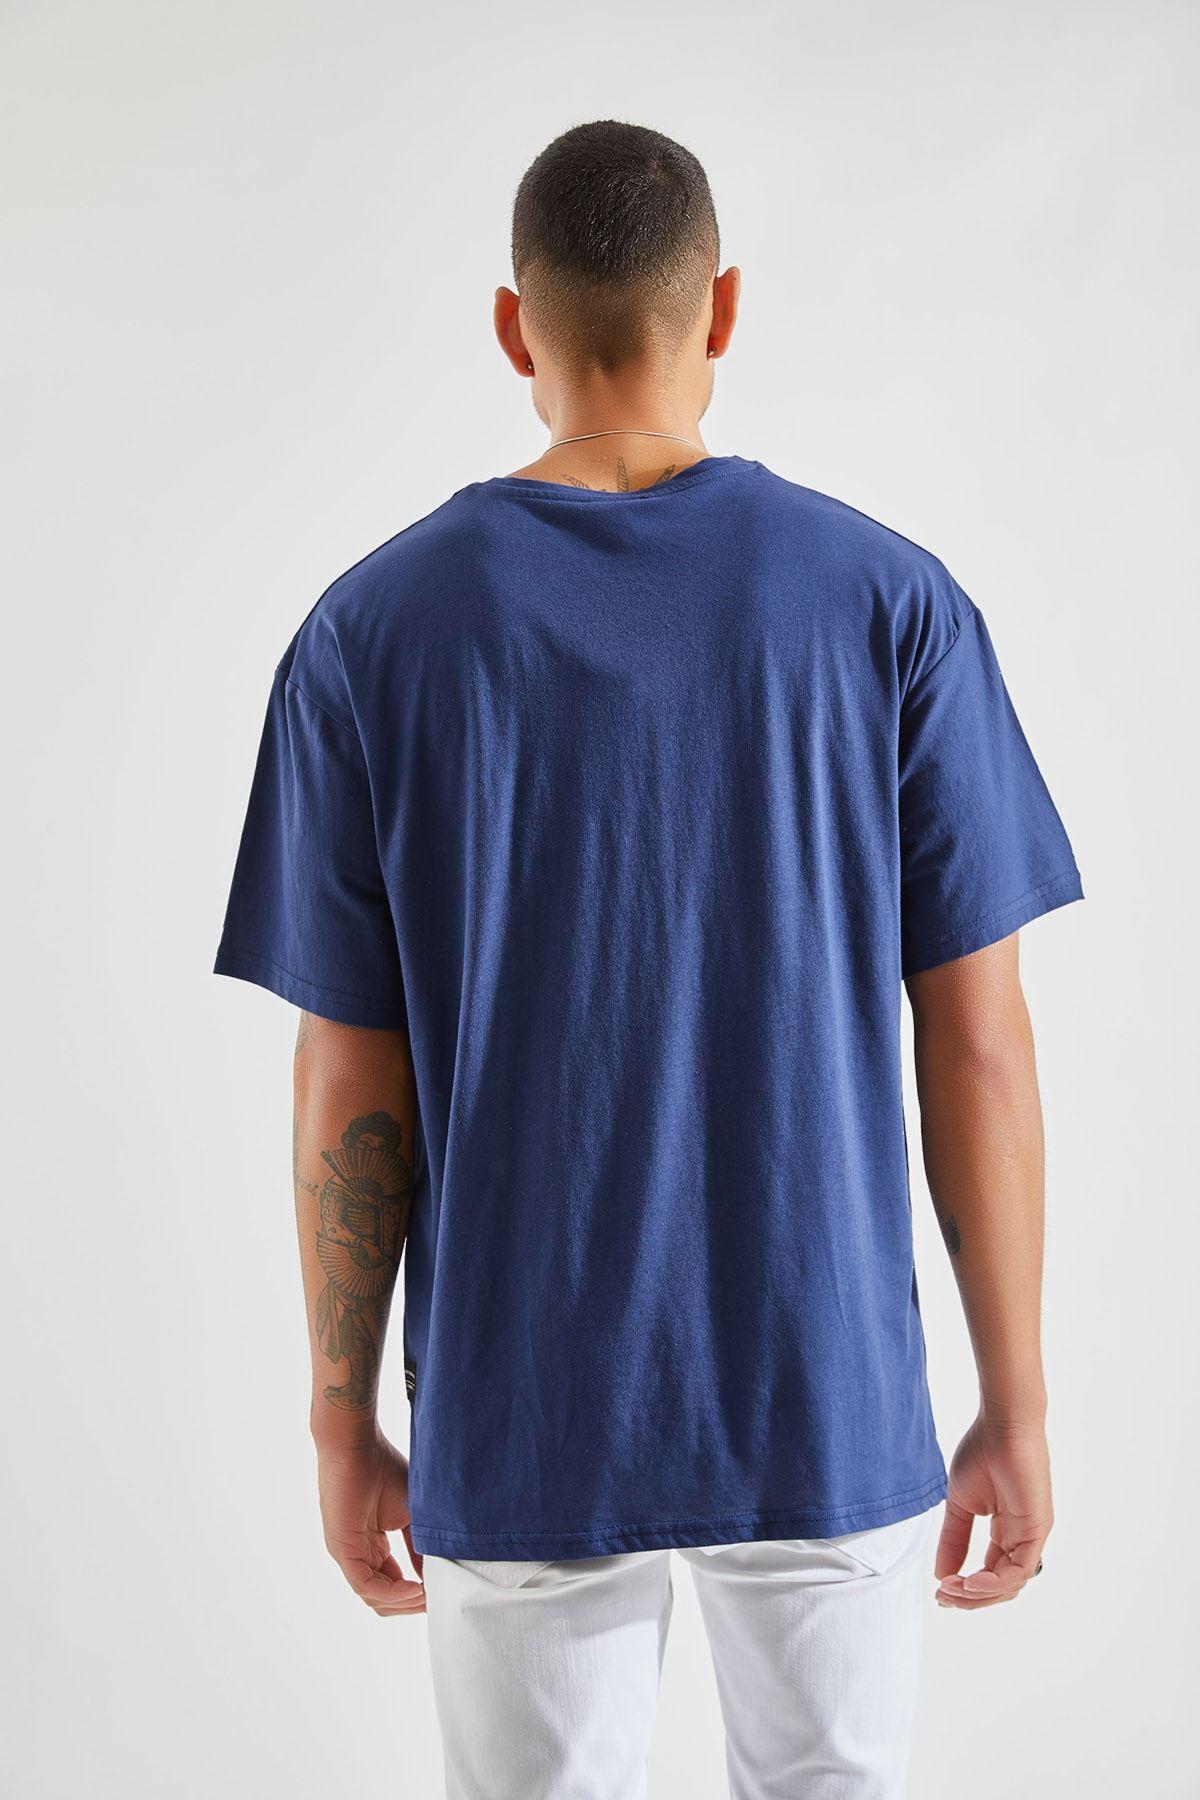 Erkek Oversize Cepli Lacivert Tişört